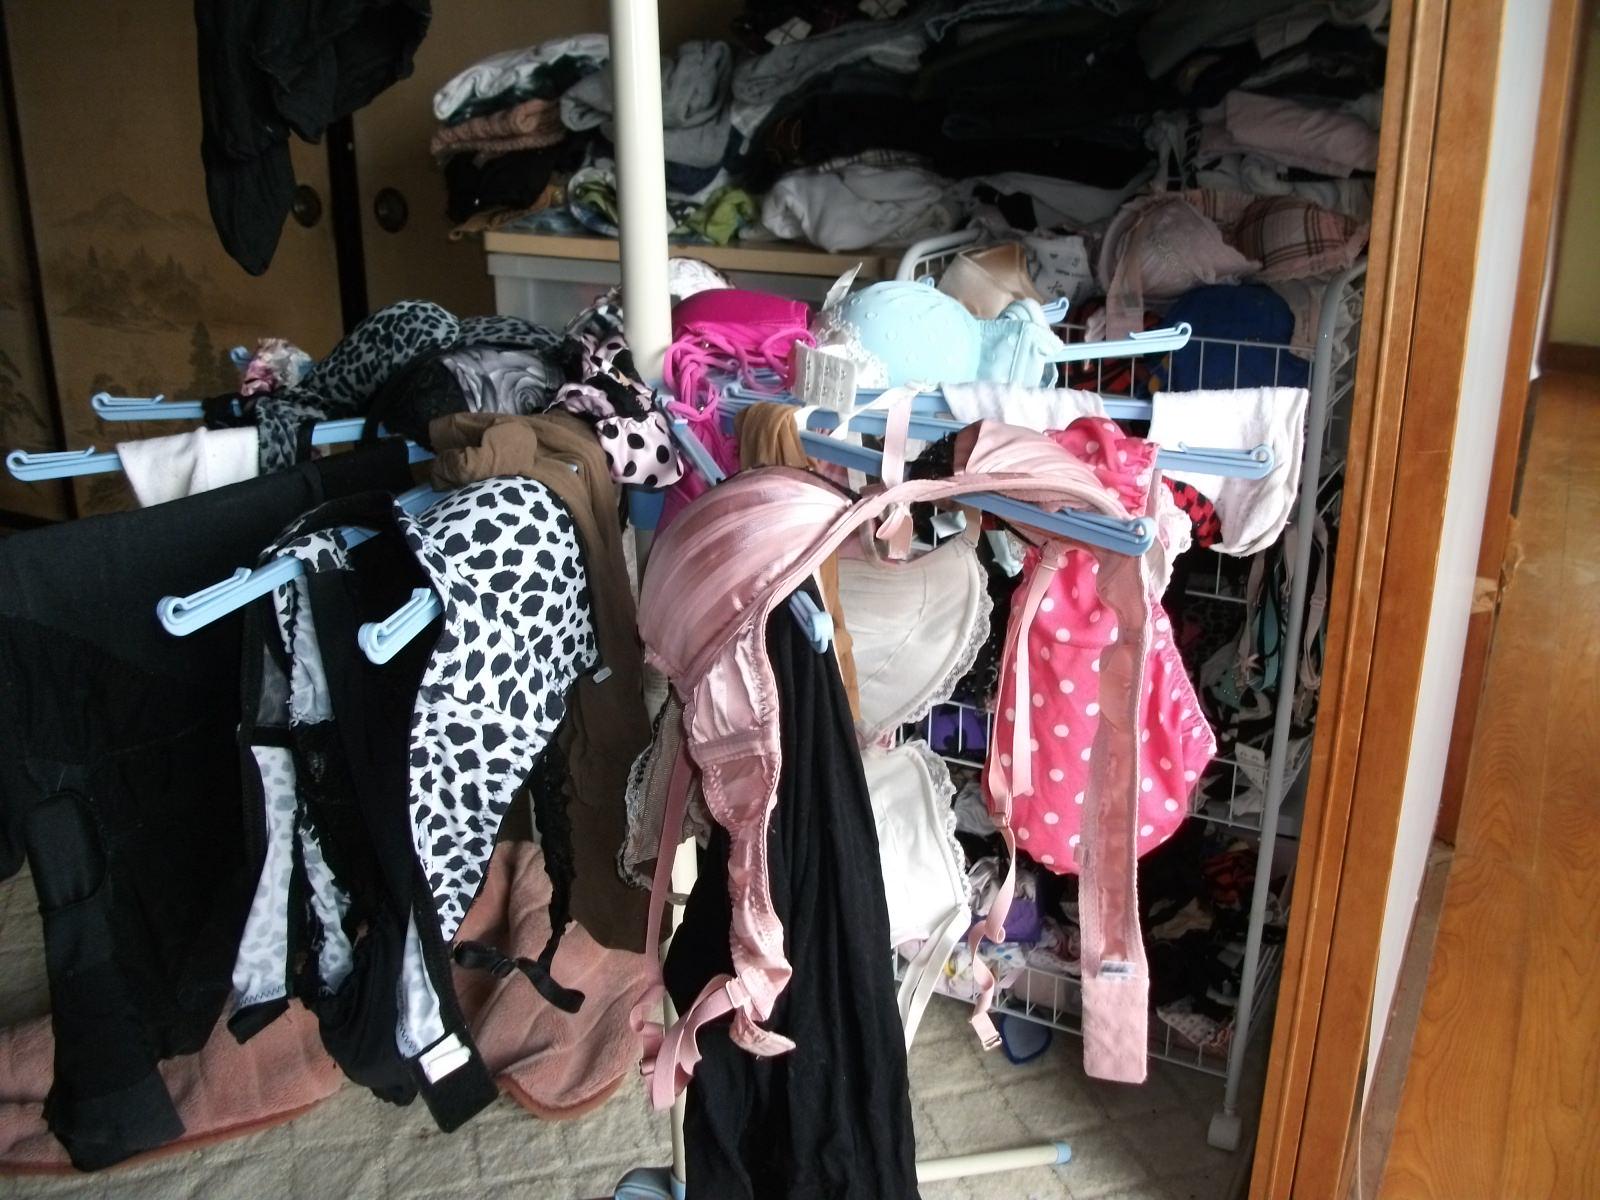 彼女や嫁がガチ使用してるパンティーやブラジャーの洗濯物の素人下着エロ画像 10